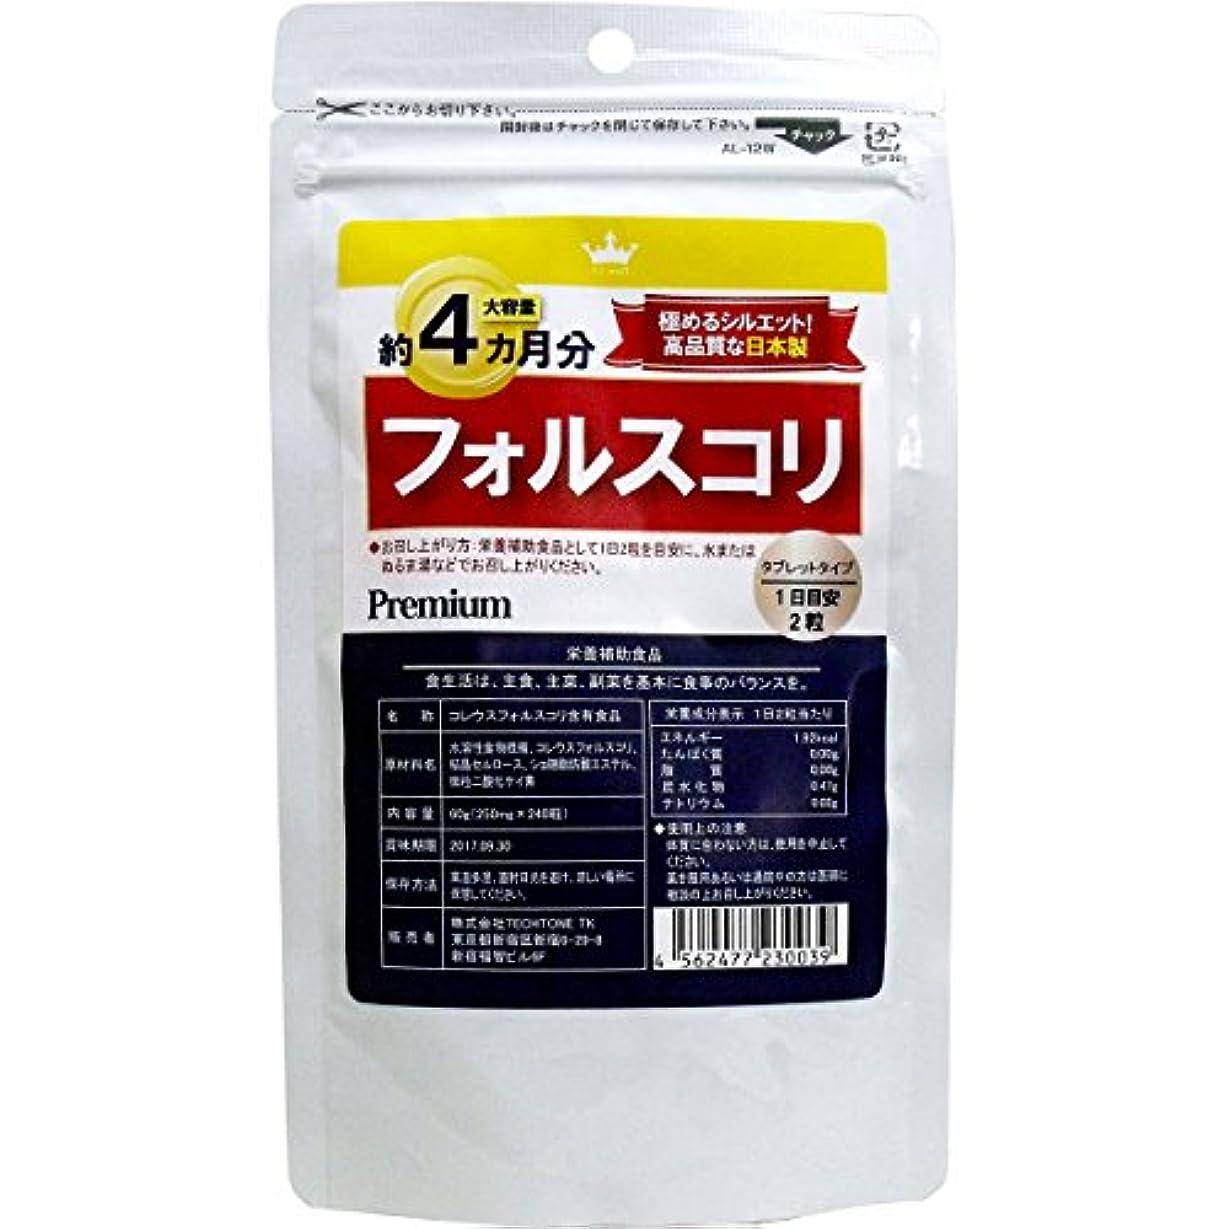 睡眠作動する塊サプリメント 高品質な日本製 健康食品 フォルスコリ 約4カ月分 240粒入【2個セット】